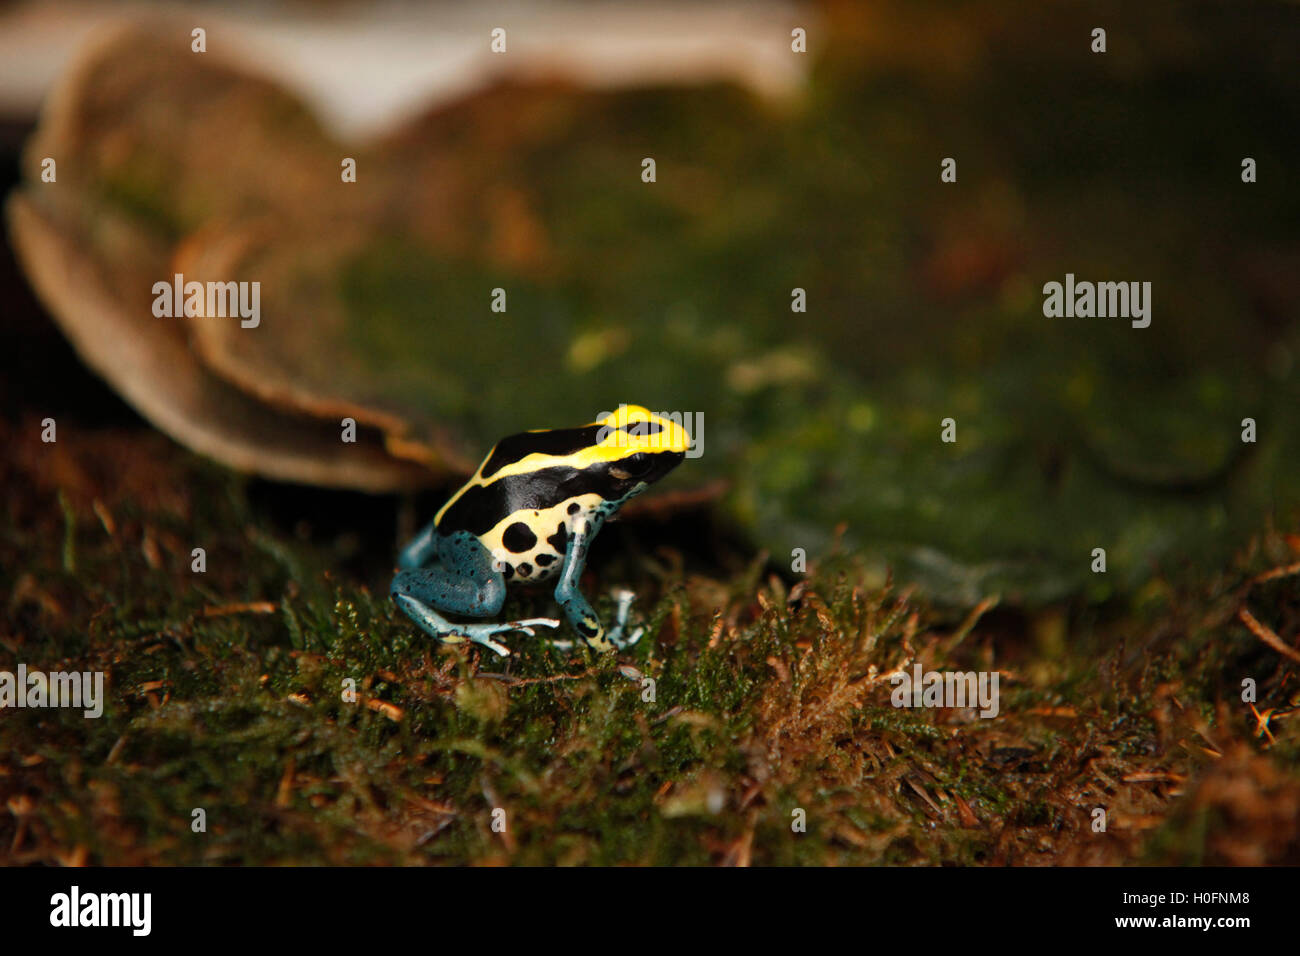 Exótica rana de color amarillo azul diminuta reptiles cerrar Foto de stock